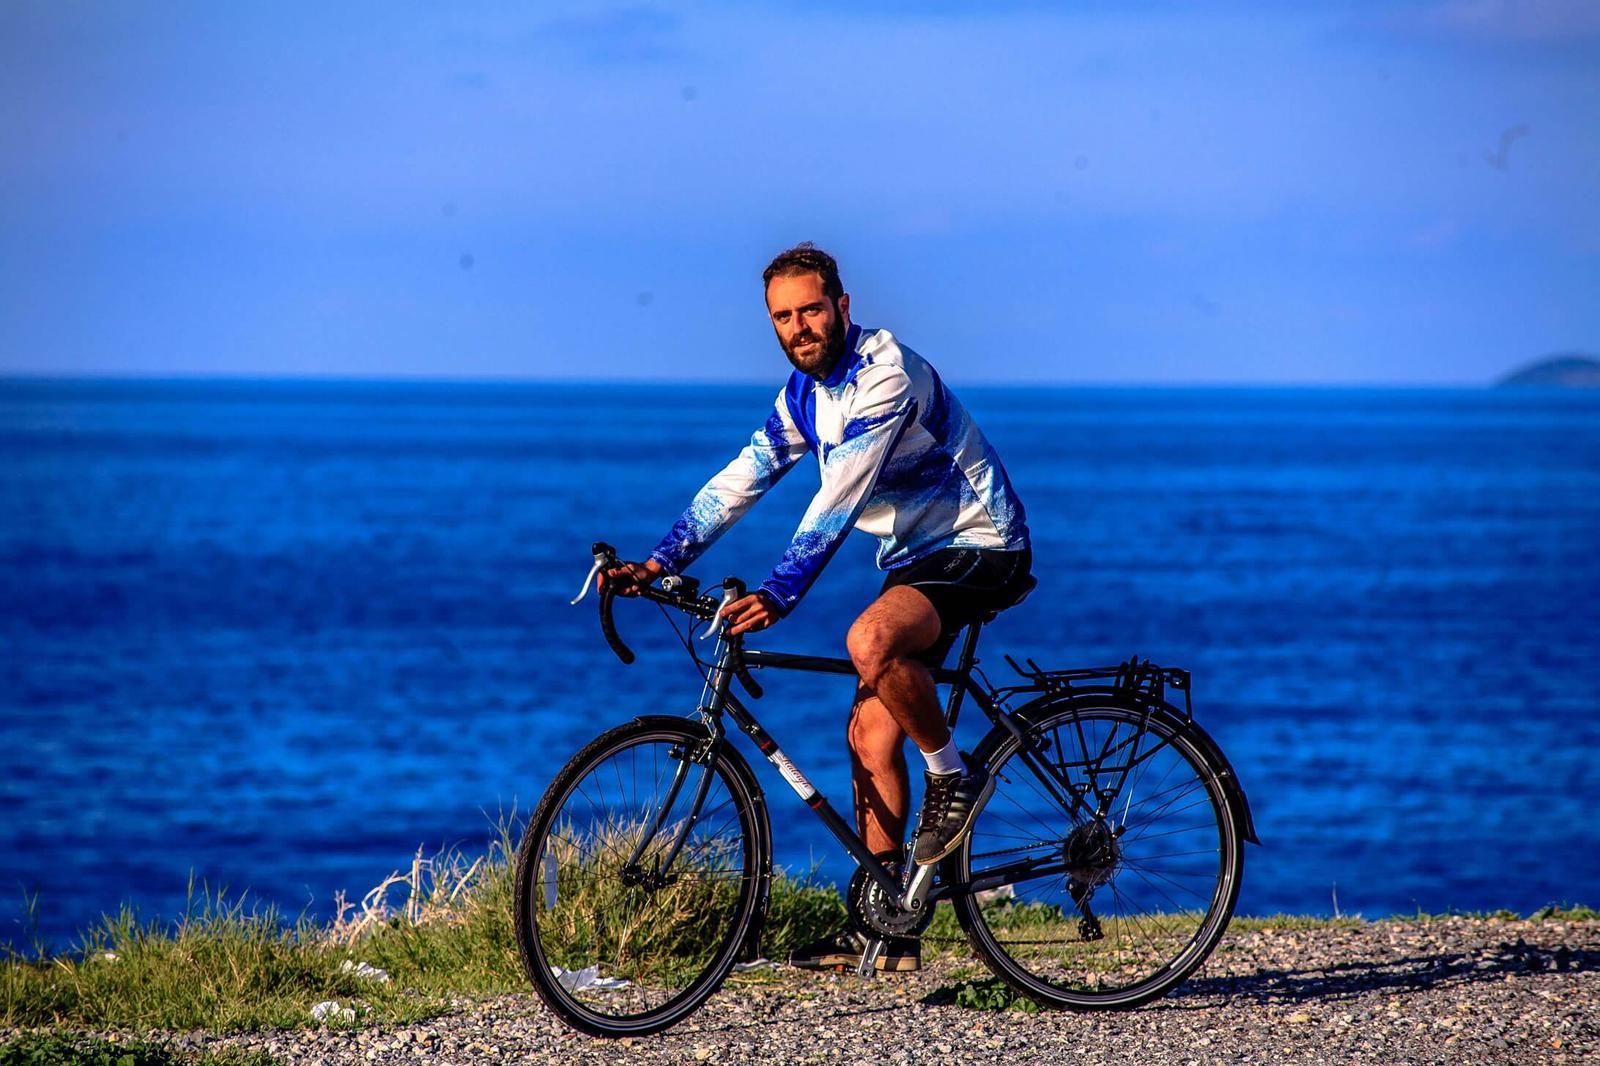 Αποστολής Τσεπαπαδάκης ο γυρος του κοσμου με ενα ποδηλατο